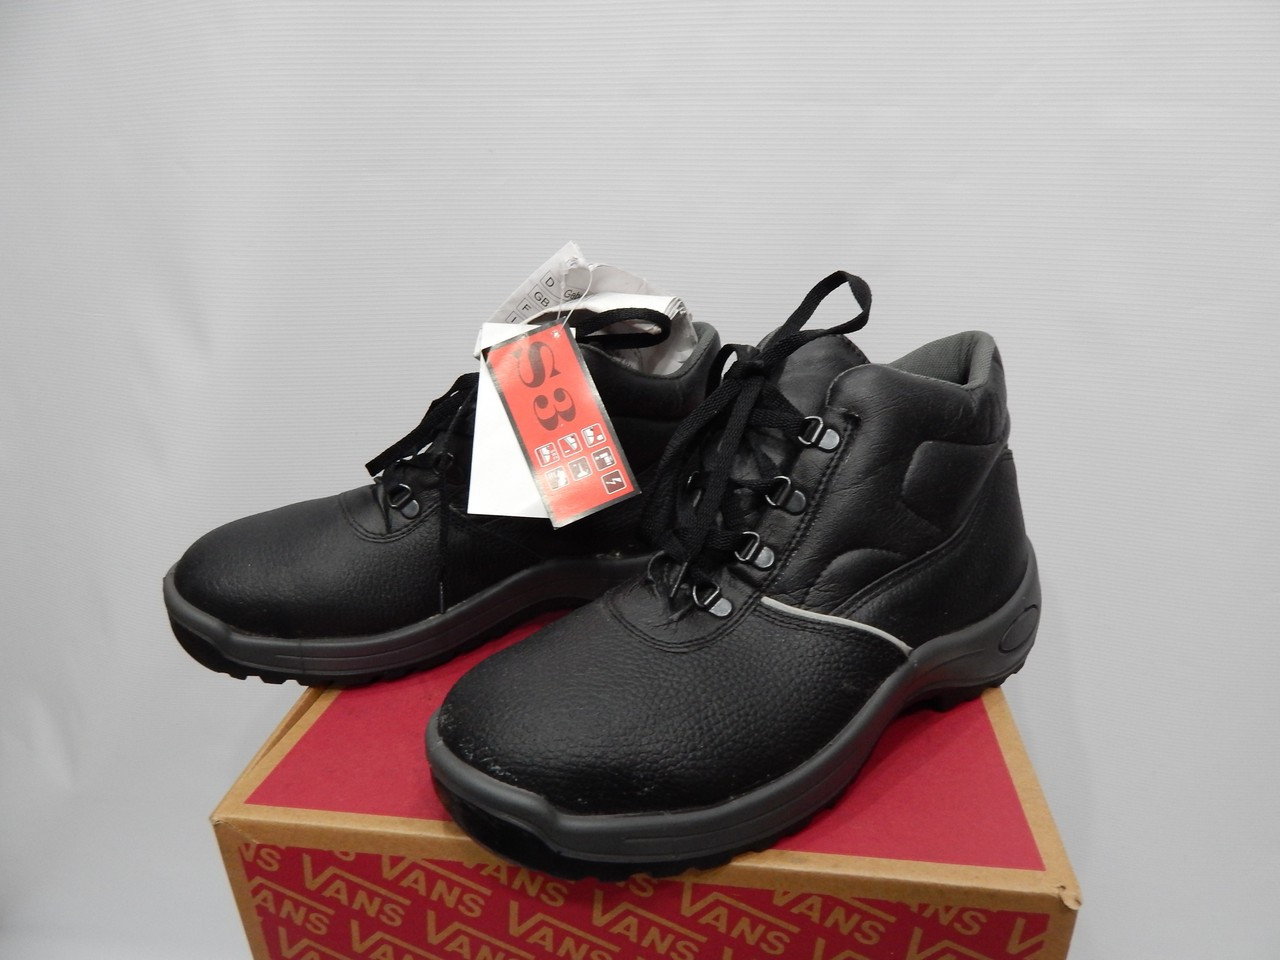 Мужские рабочие демисезонные ботинки Zoillax р.41 кожа 062BRM